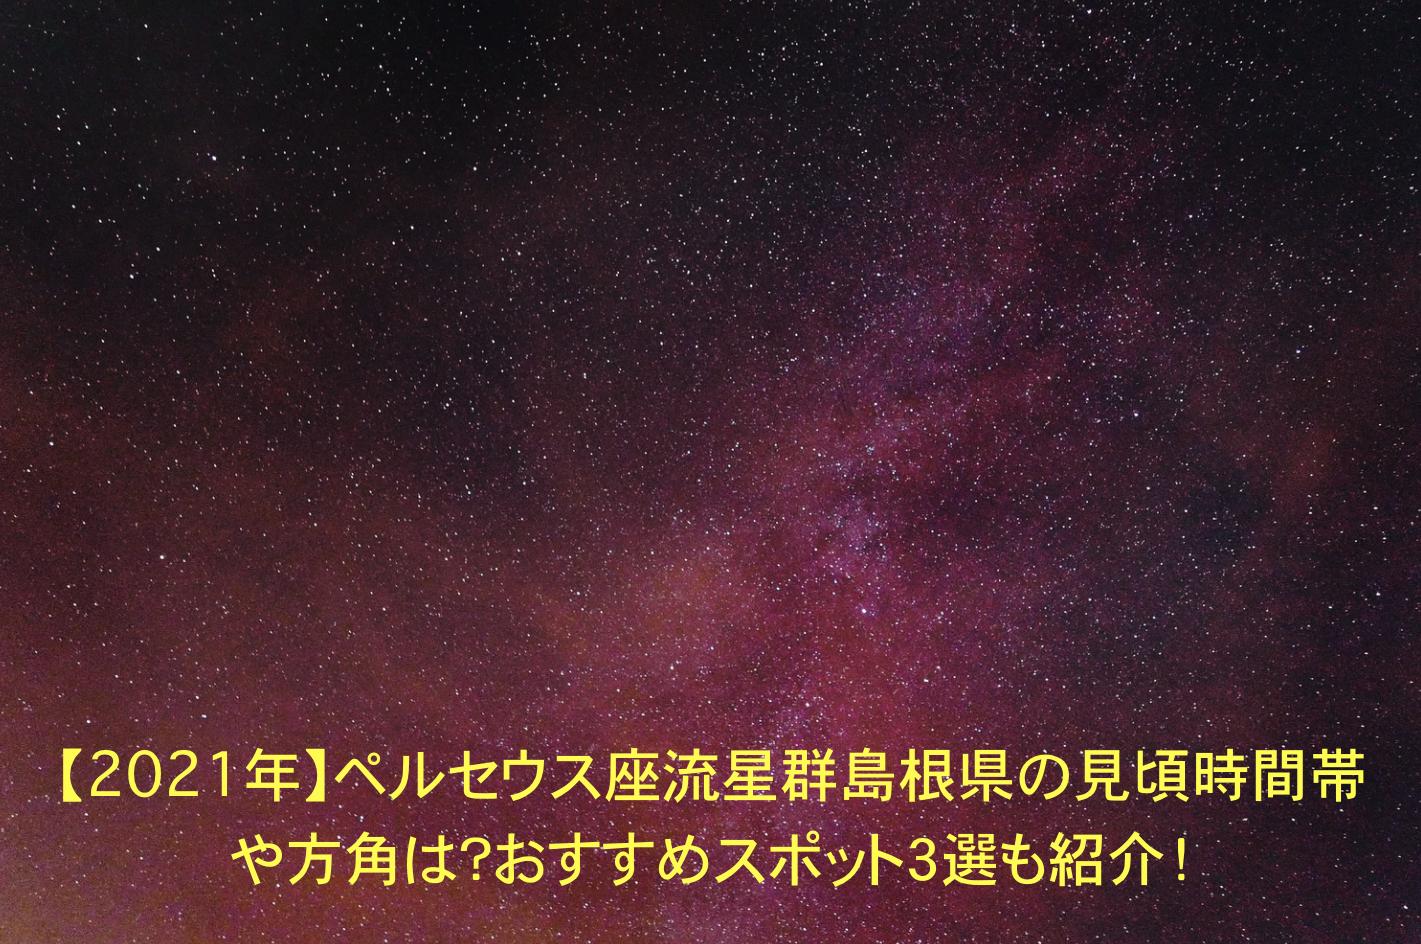 ペルセウス座流星群 島根 見頃時間帯 方角 おすすめスポット